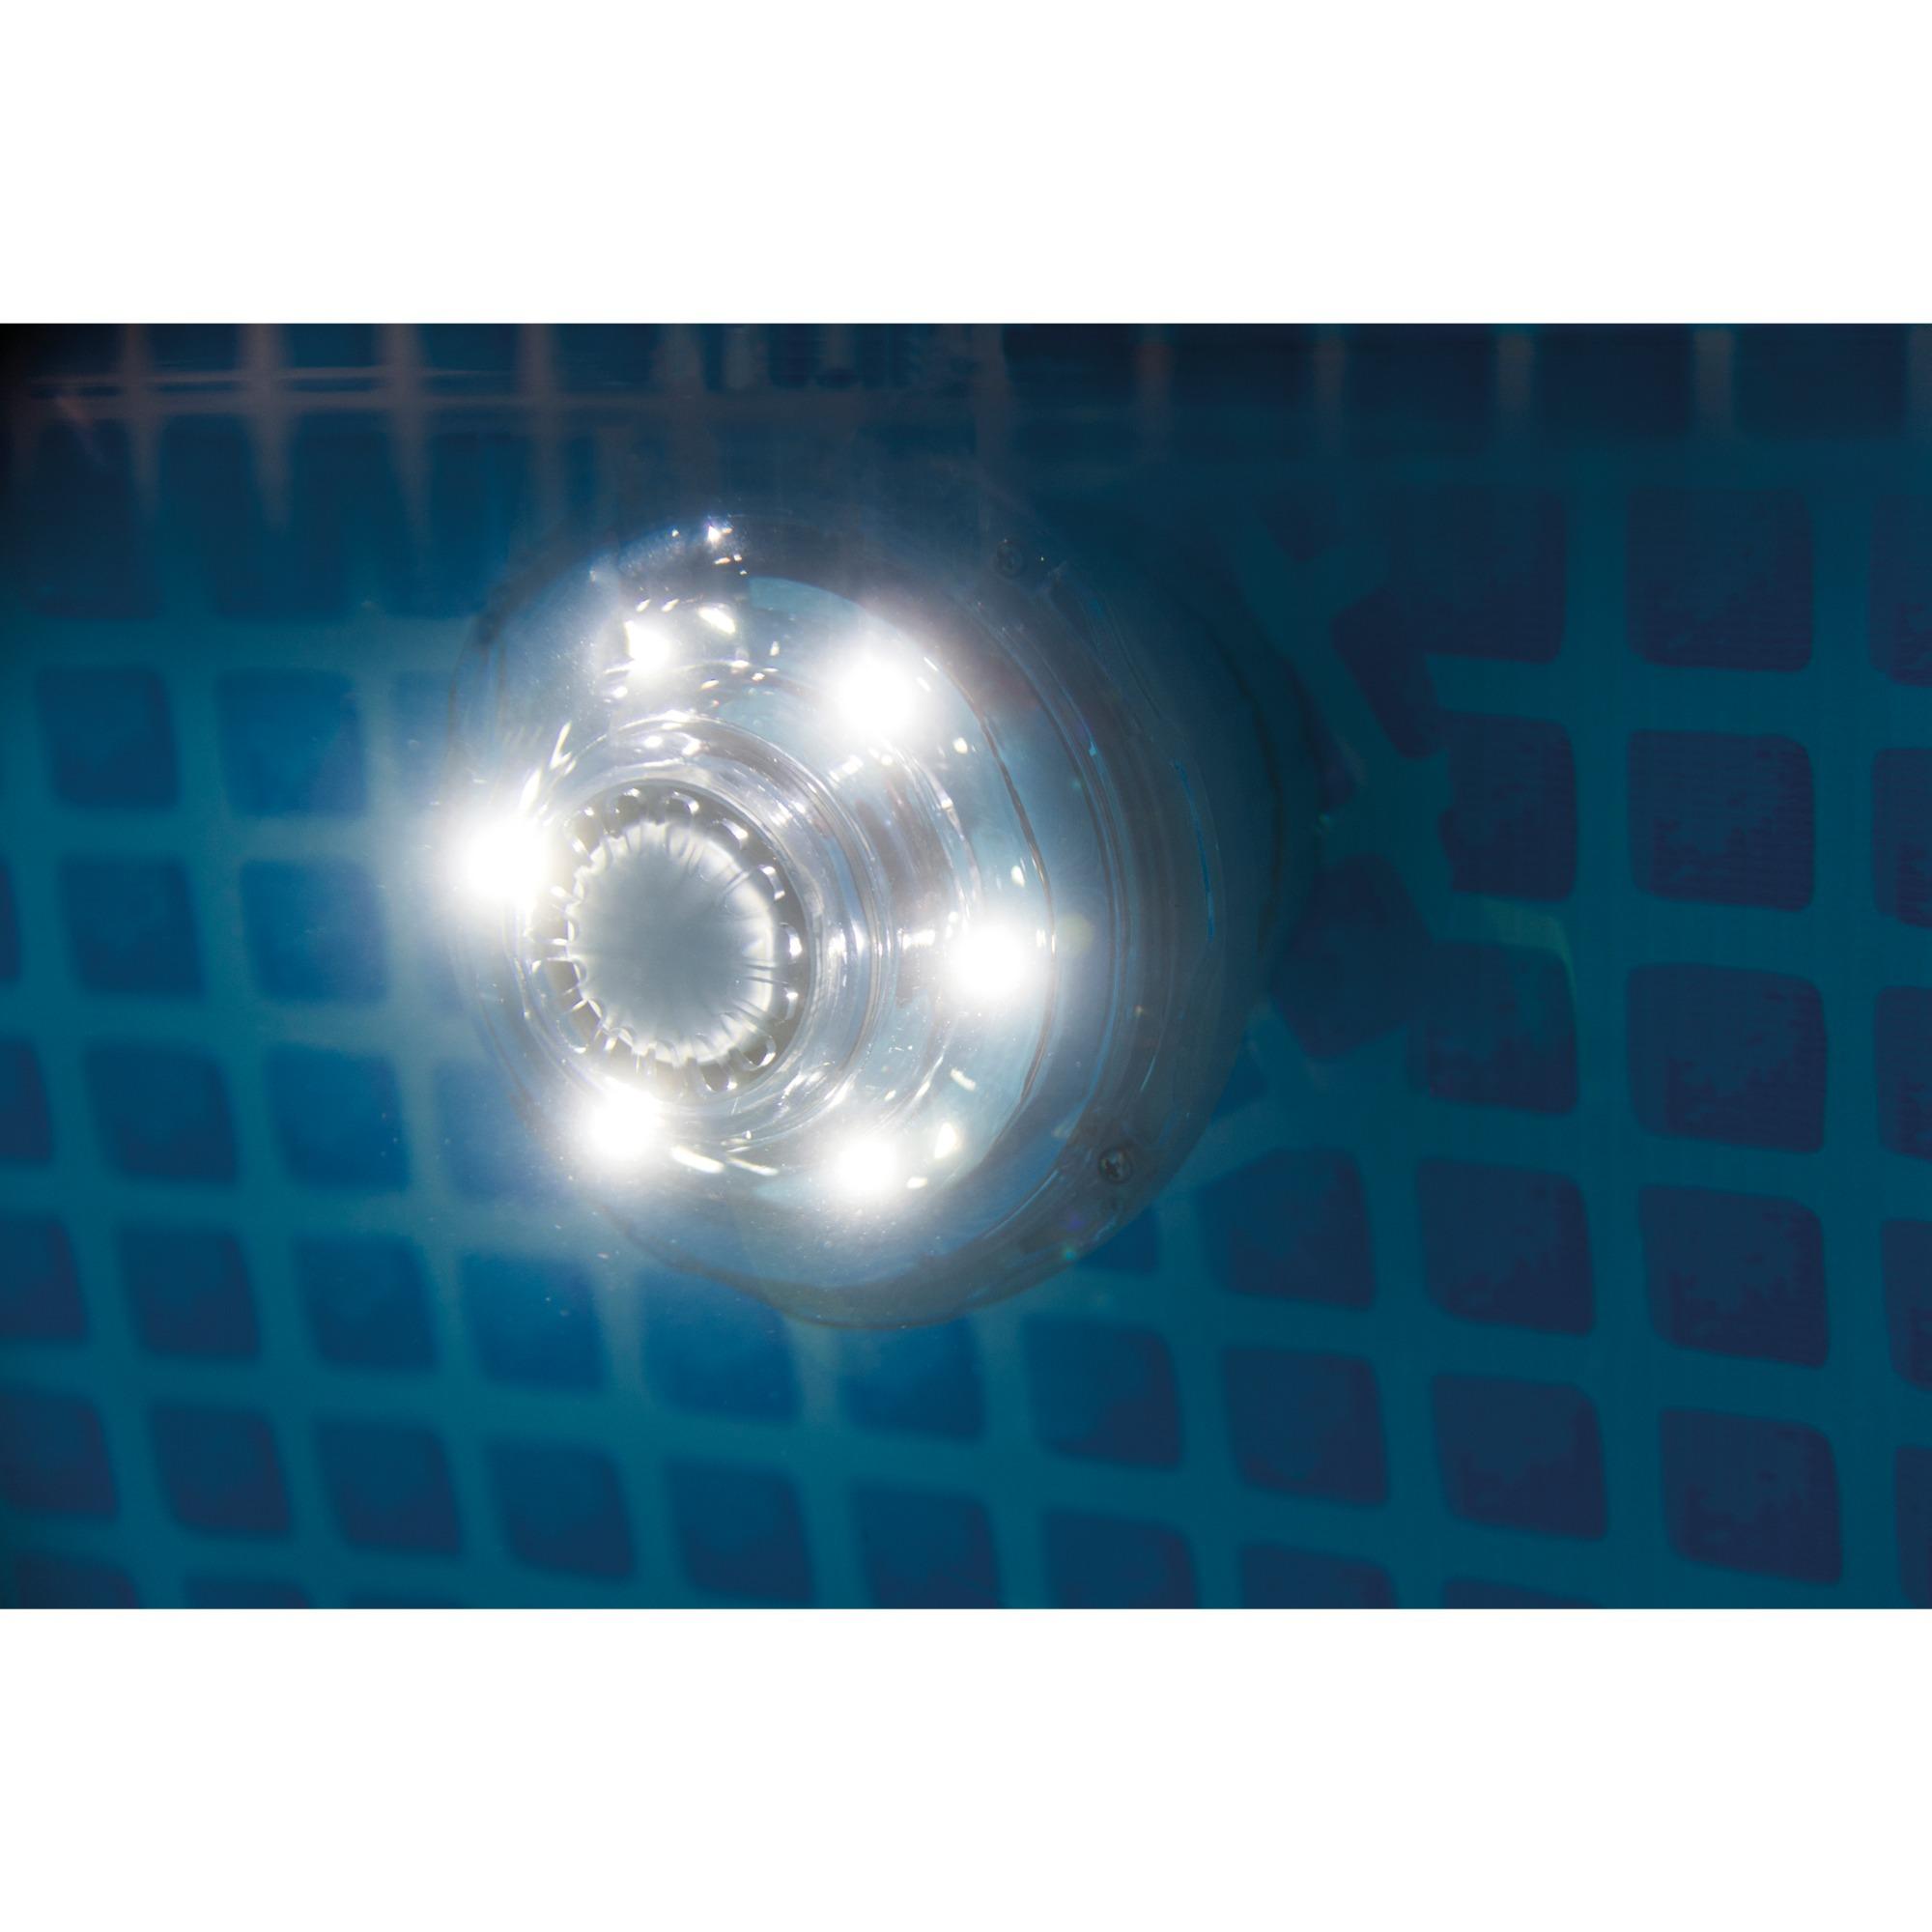 Smuk Intex 2869 Tilbehør Til Pool, LED-lampe Transparent, Hvid, LED, 3,8 cm VU-67